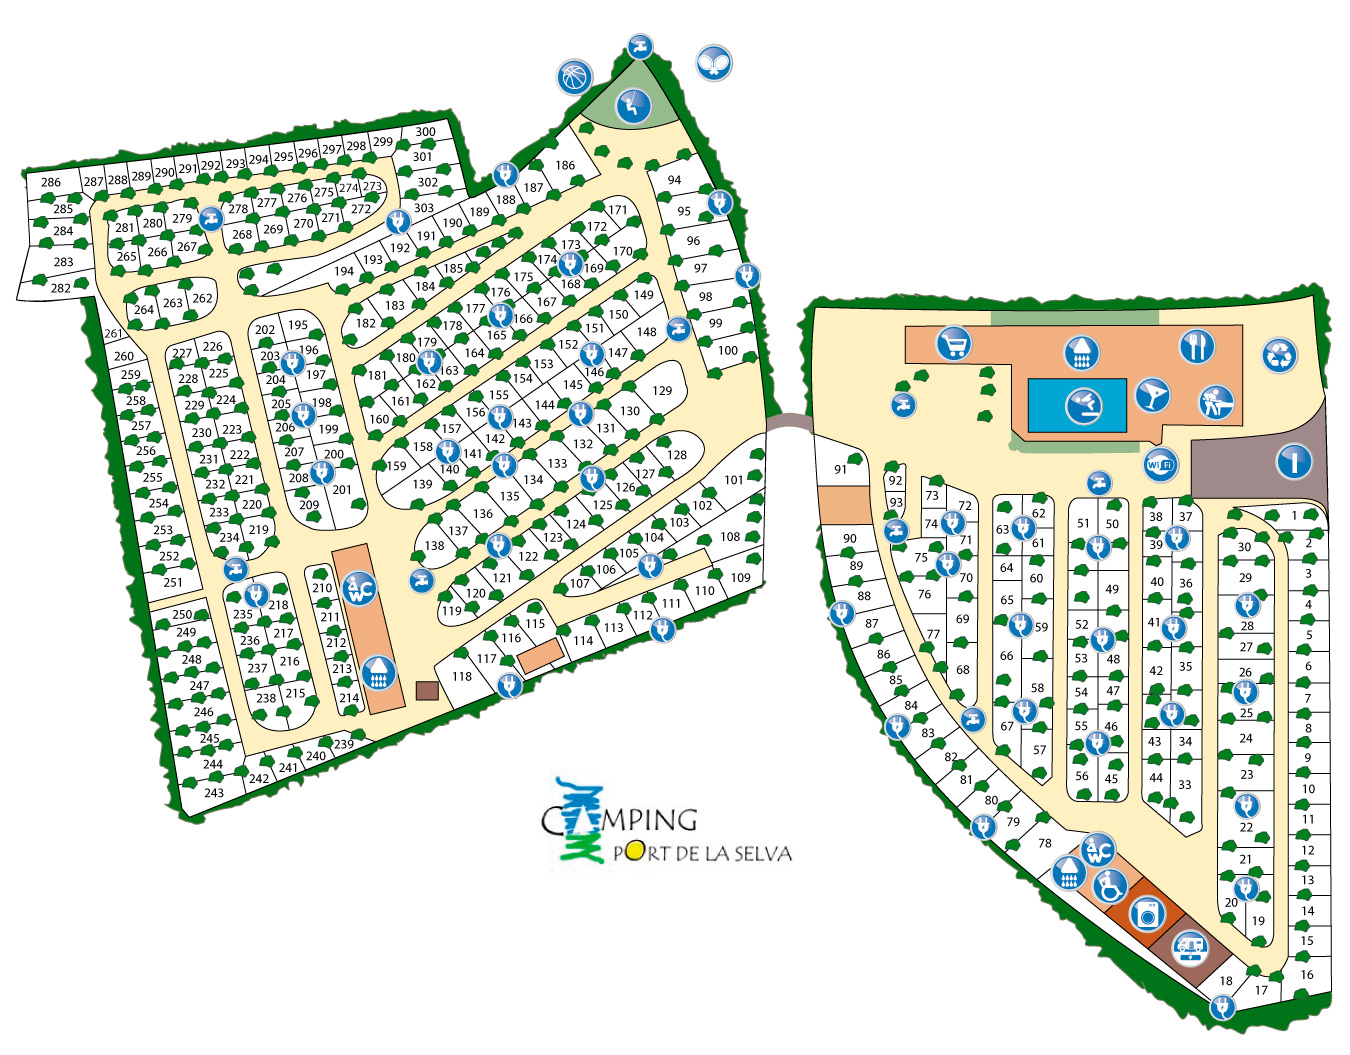 Plano Camping Port de la Selva